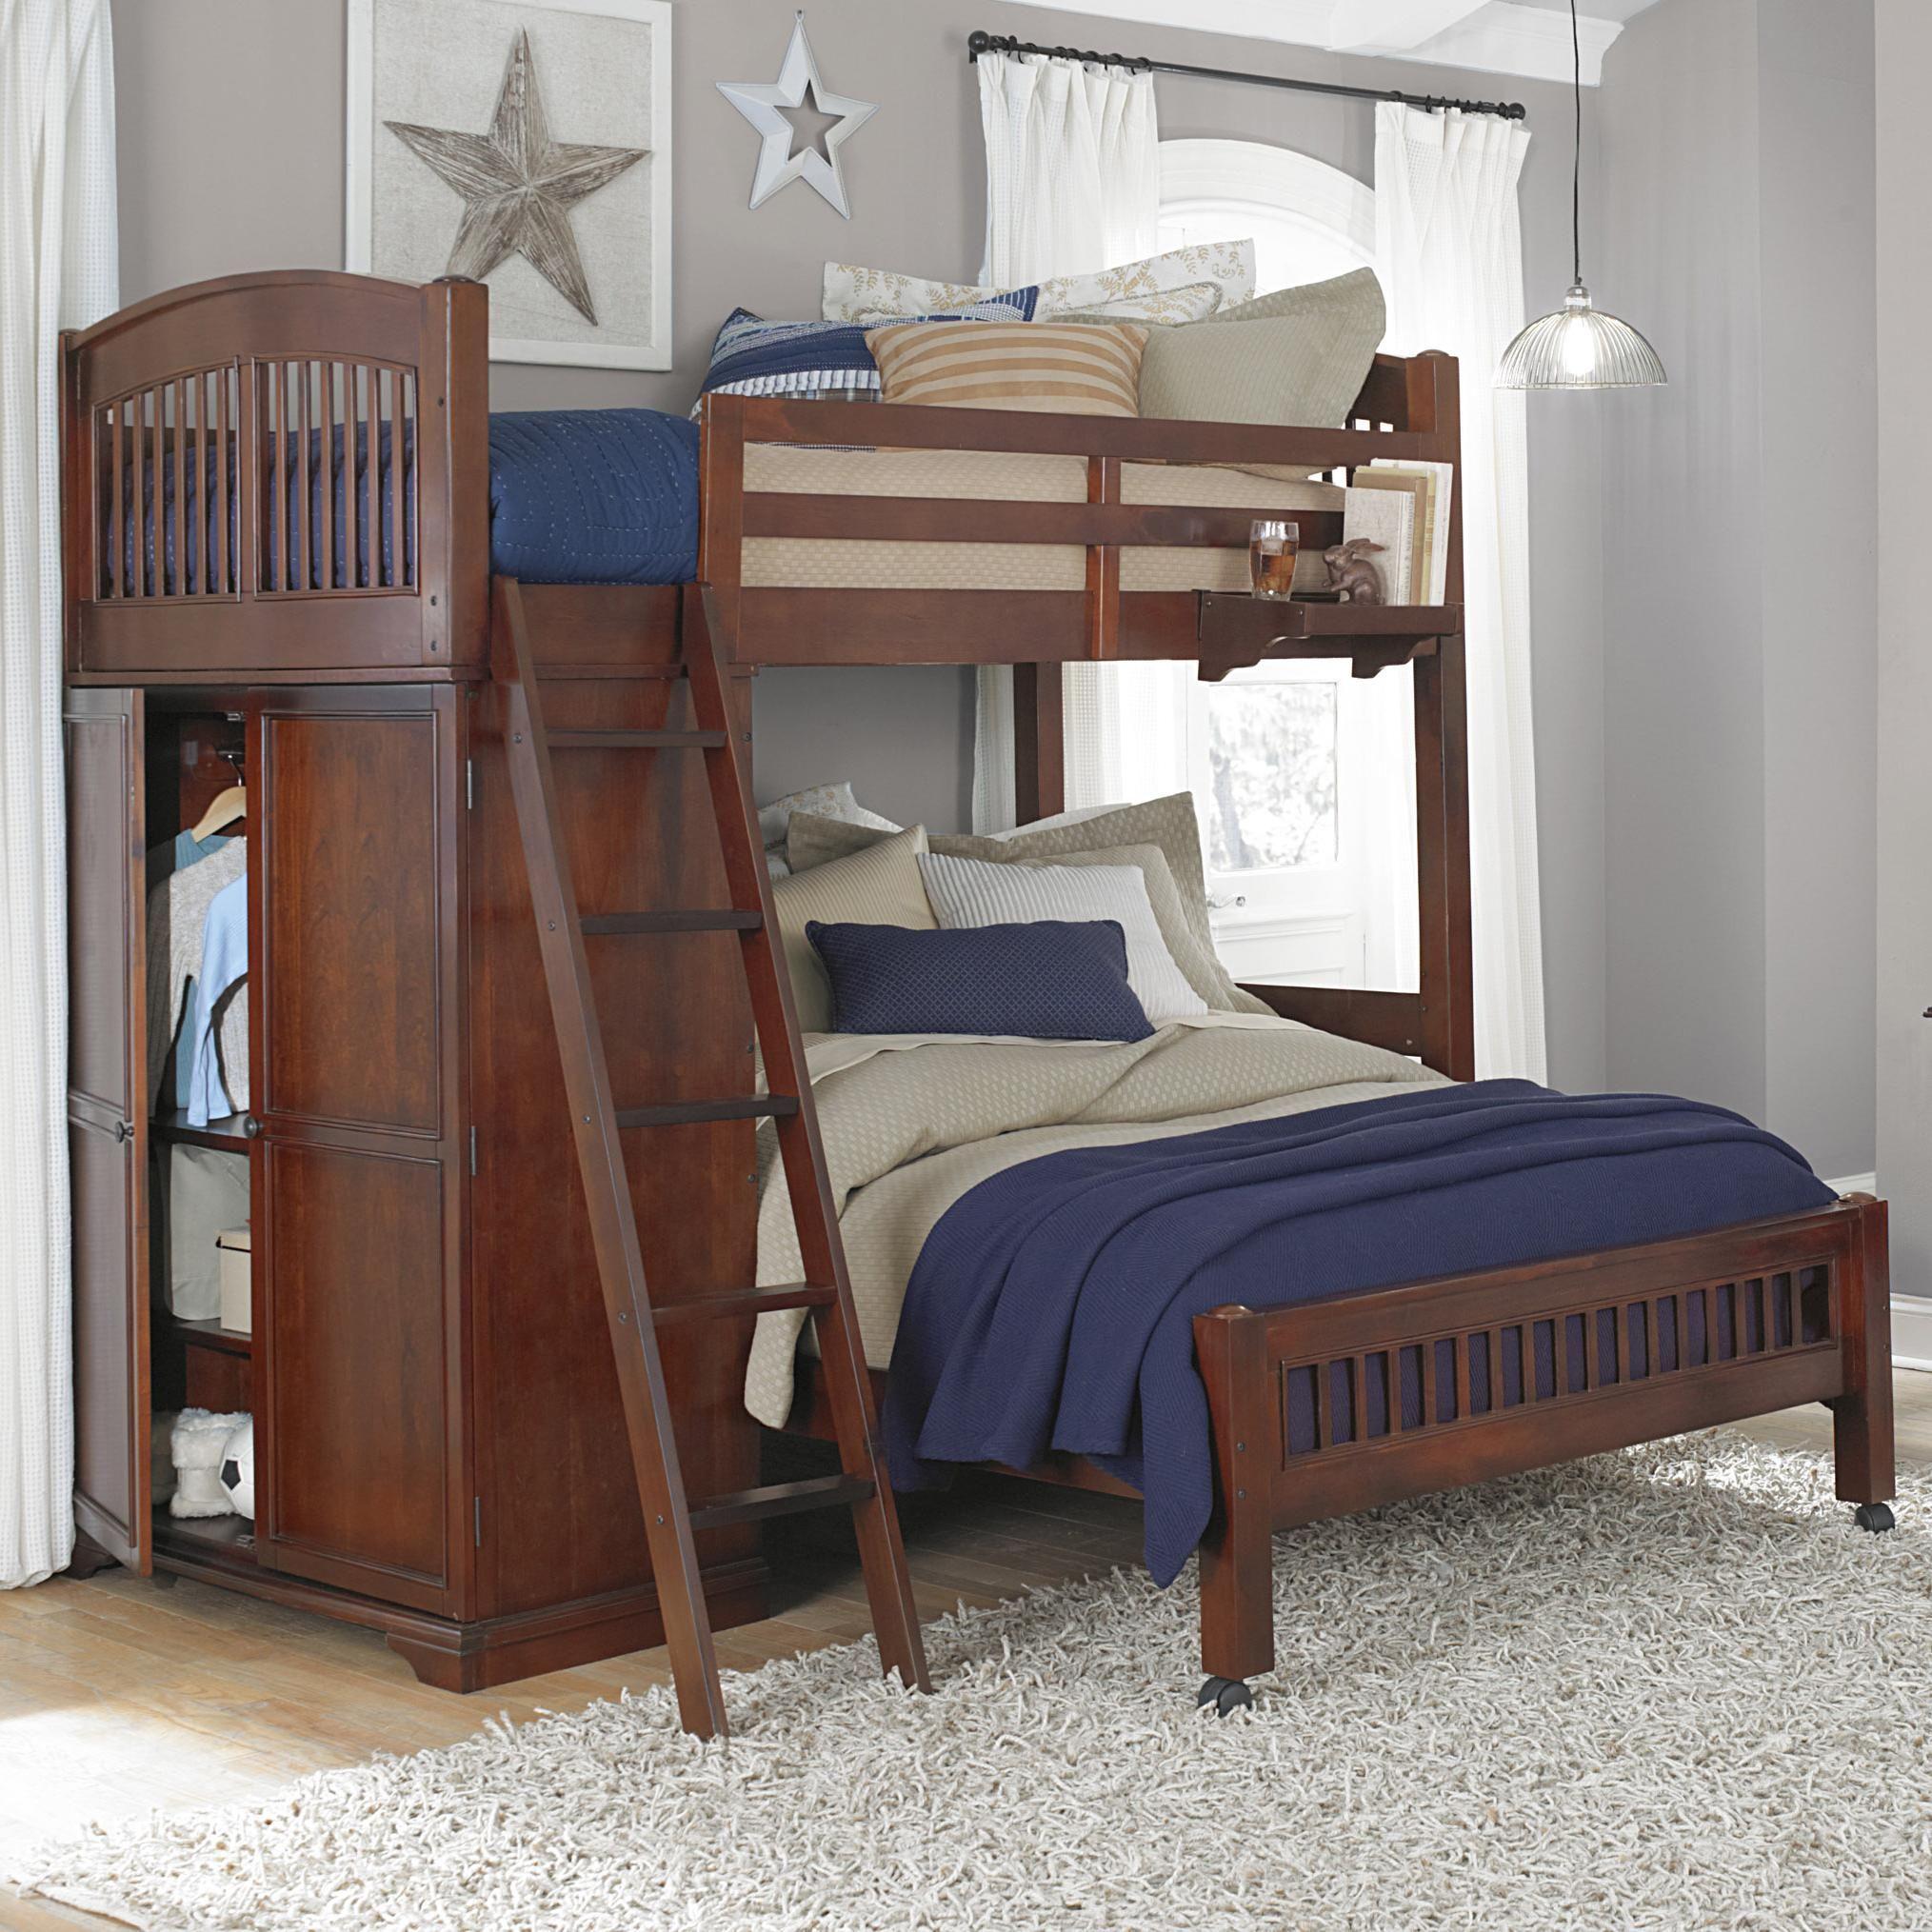 walnut street locker loft with full lower bed by ne kids boys room